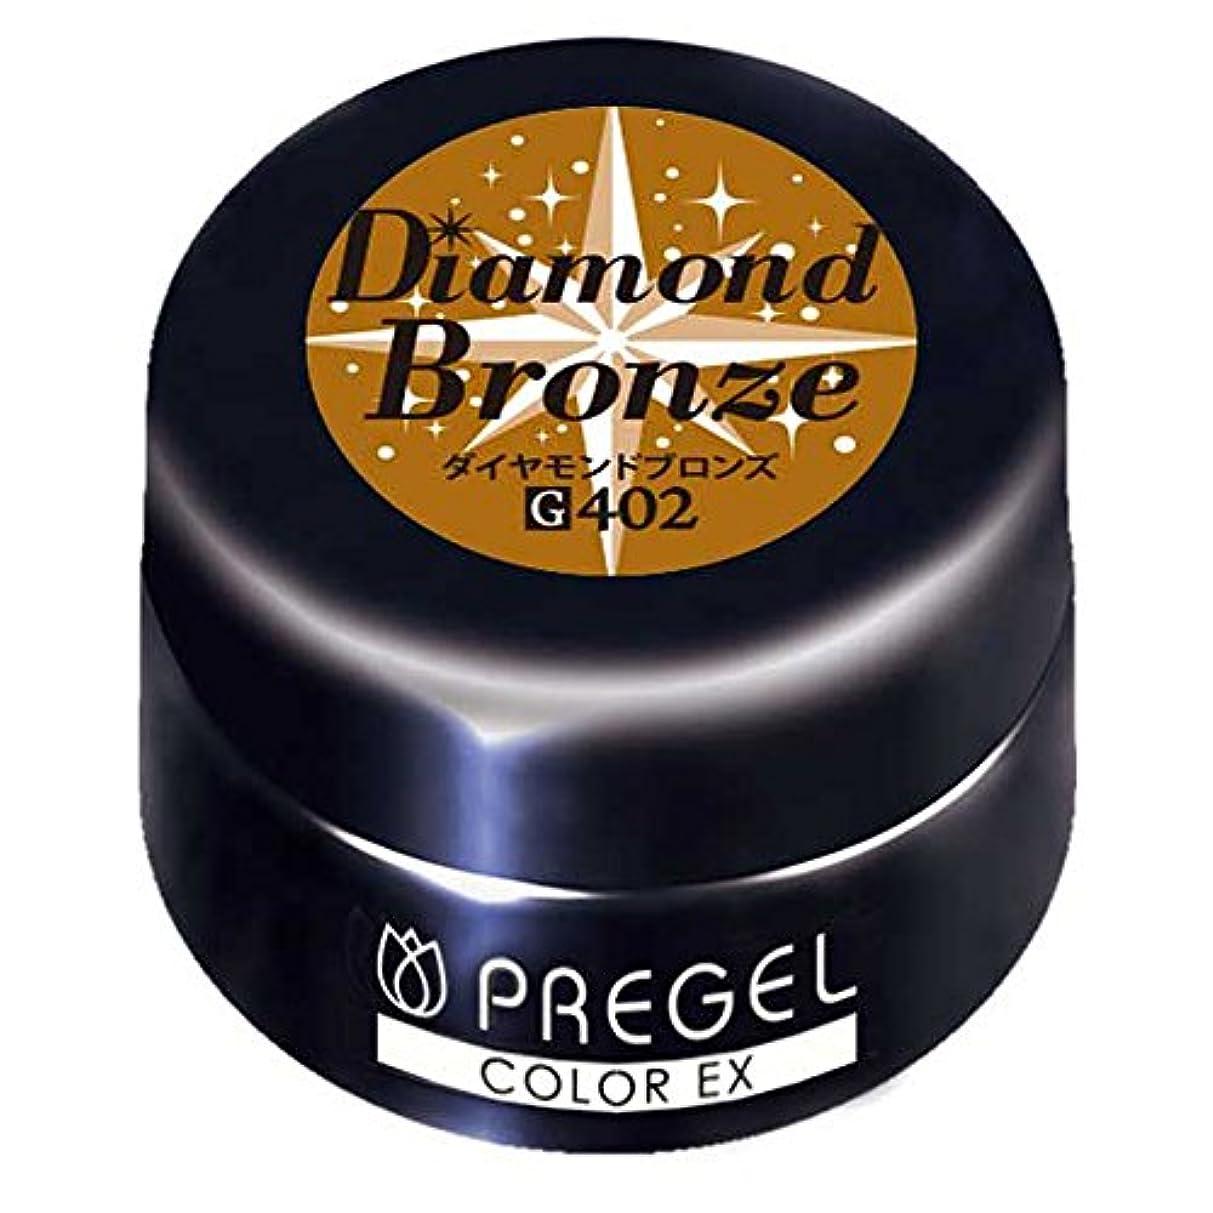 知恵が欲しいジャンプPRE GEL カラーEX ダイヤモンドブロンズCE402 UV/LED対応 カラージェル